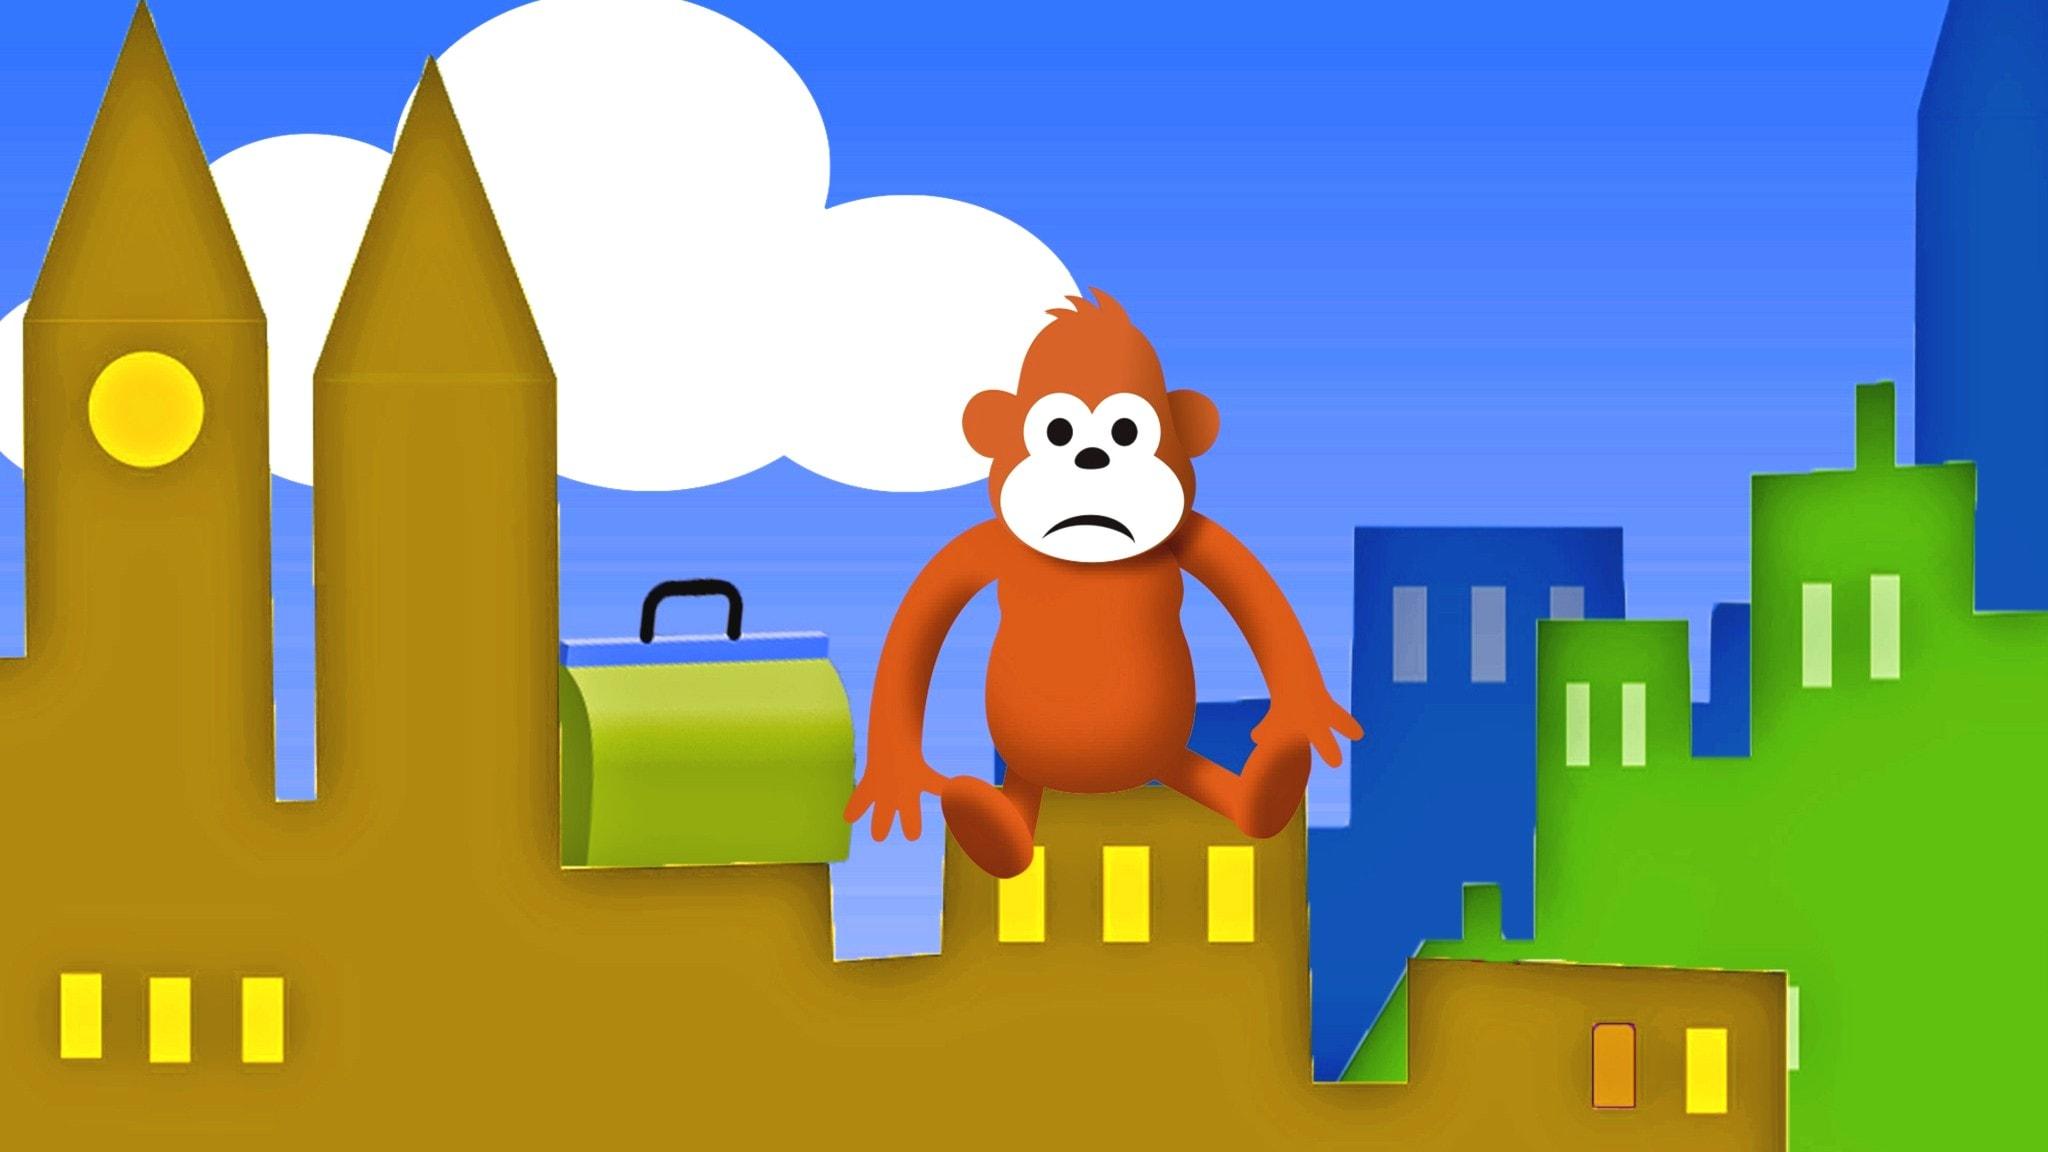 Gorilja istuu kaupungin katoilla